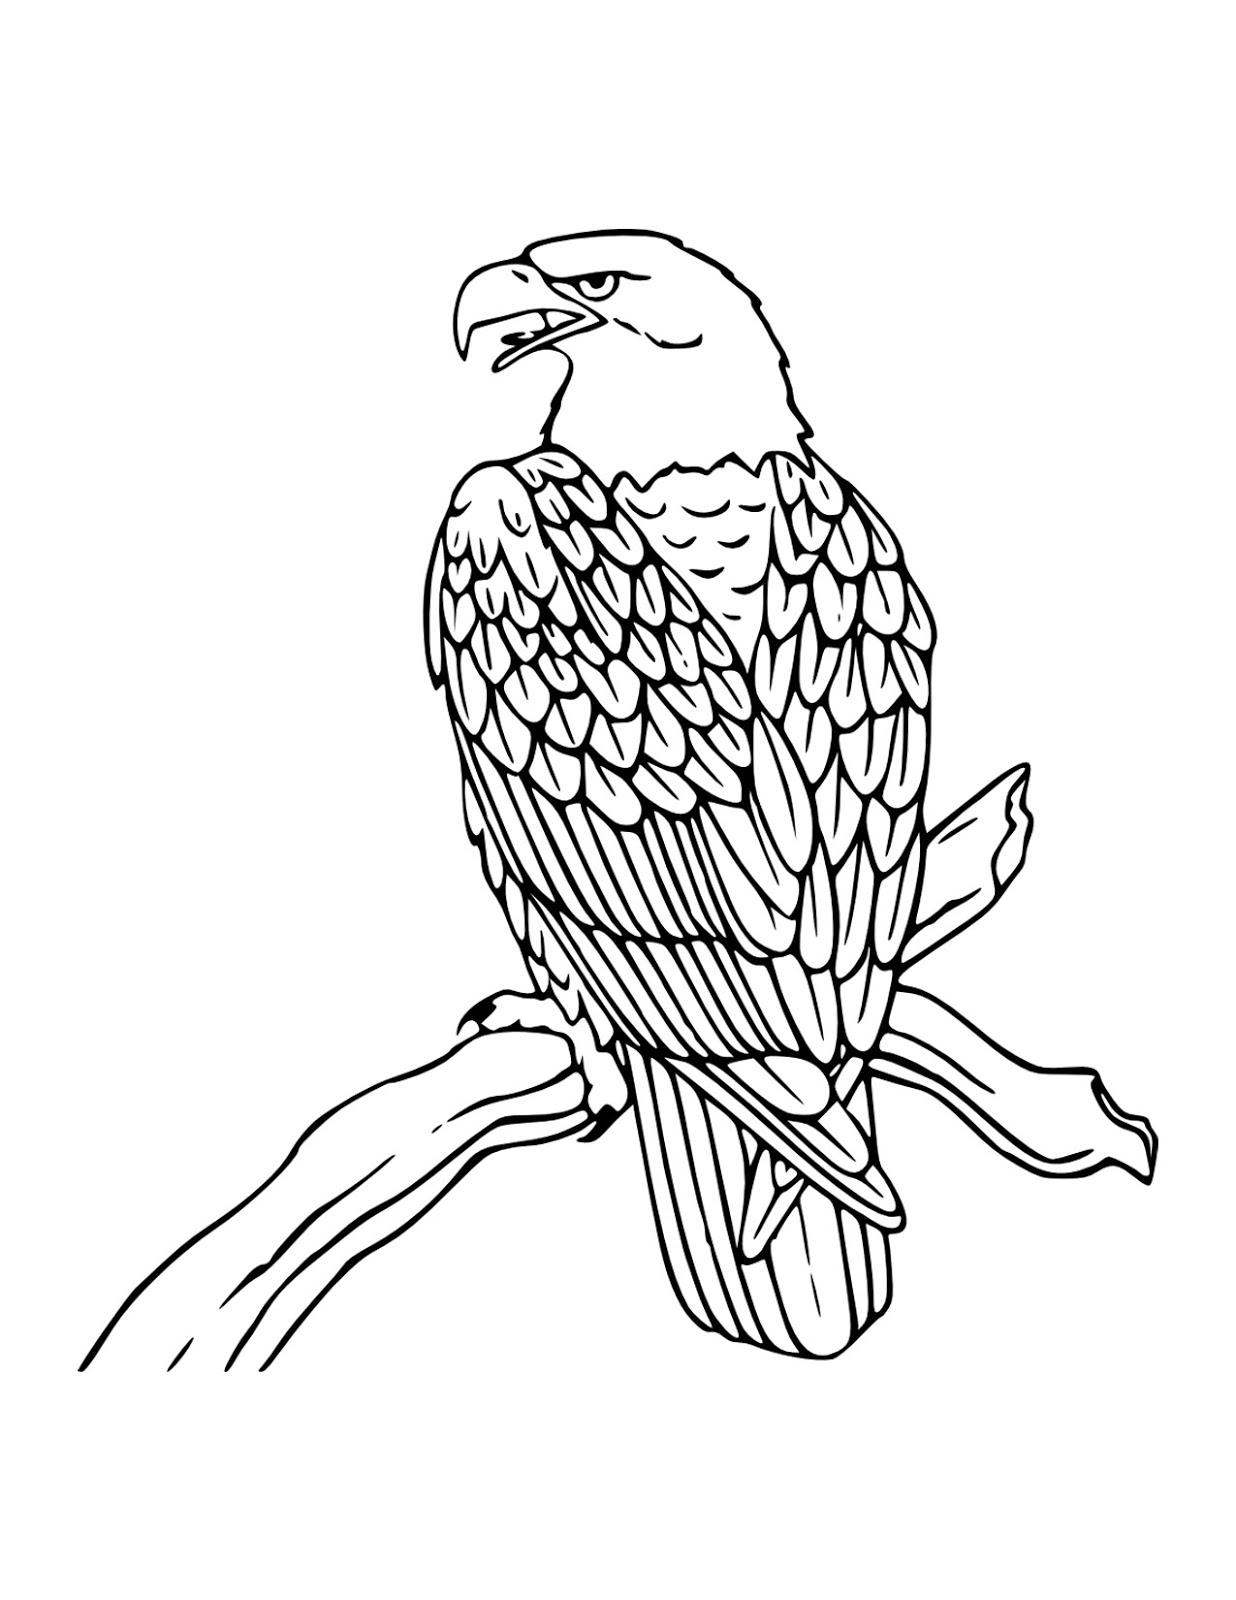 Gambar Burung Elang Dengan Pensil Pickini